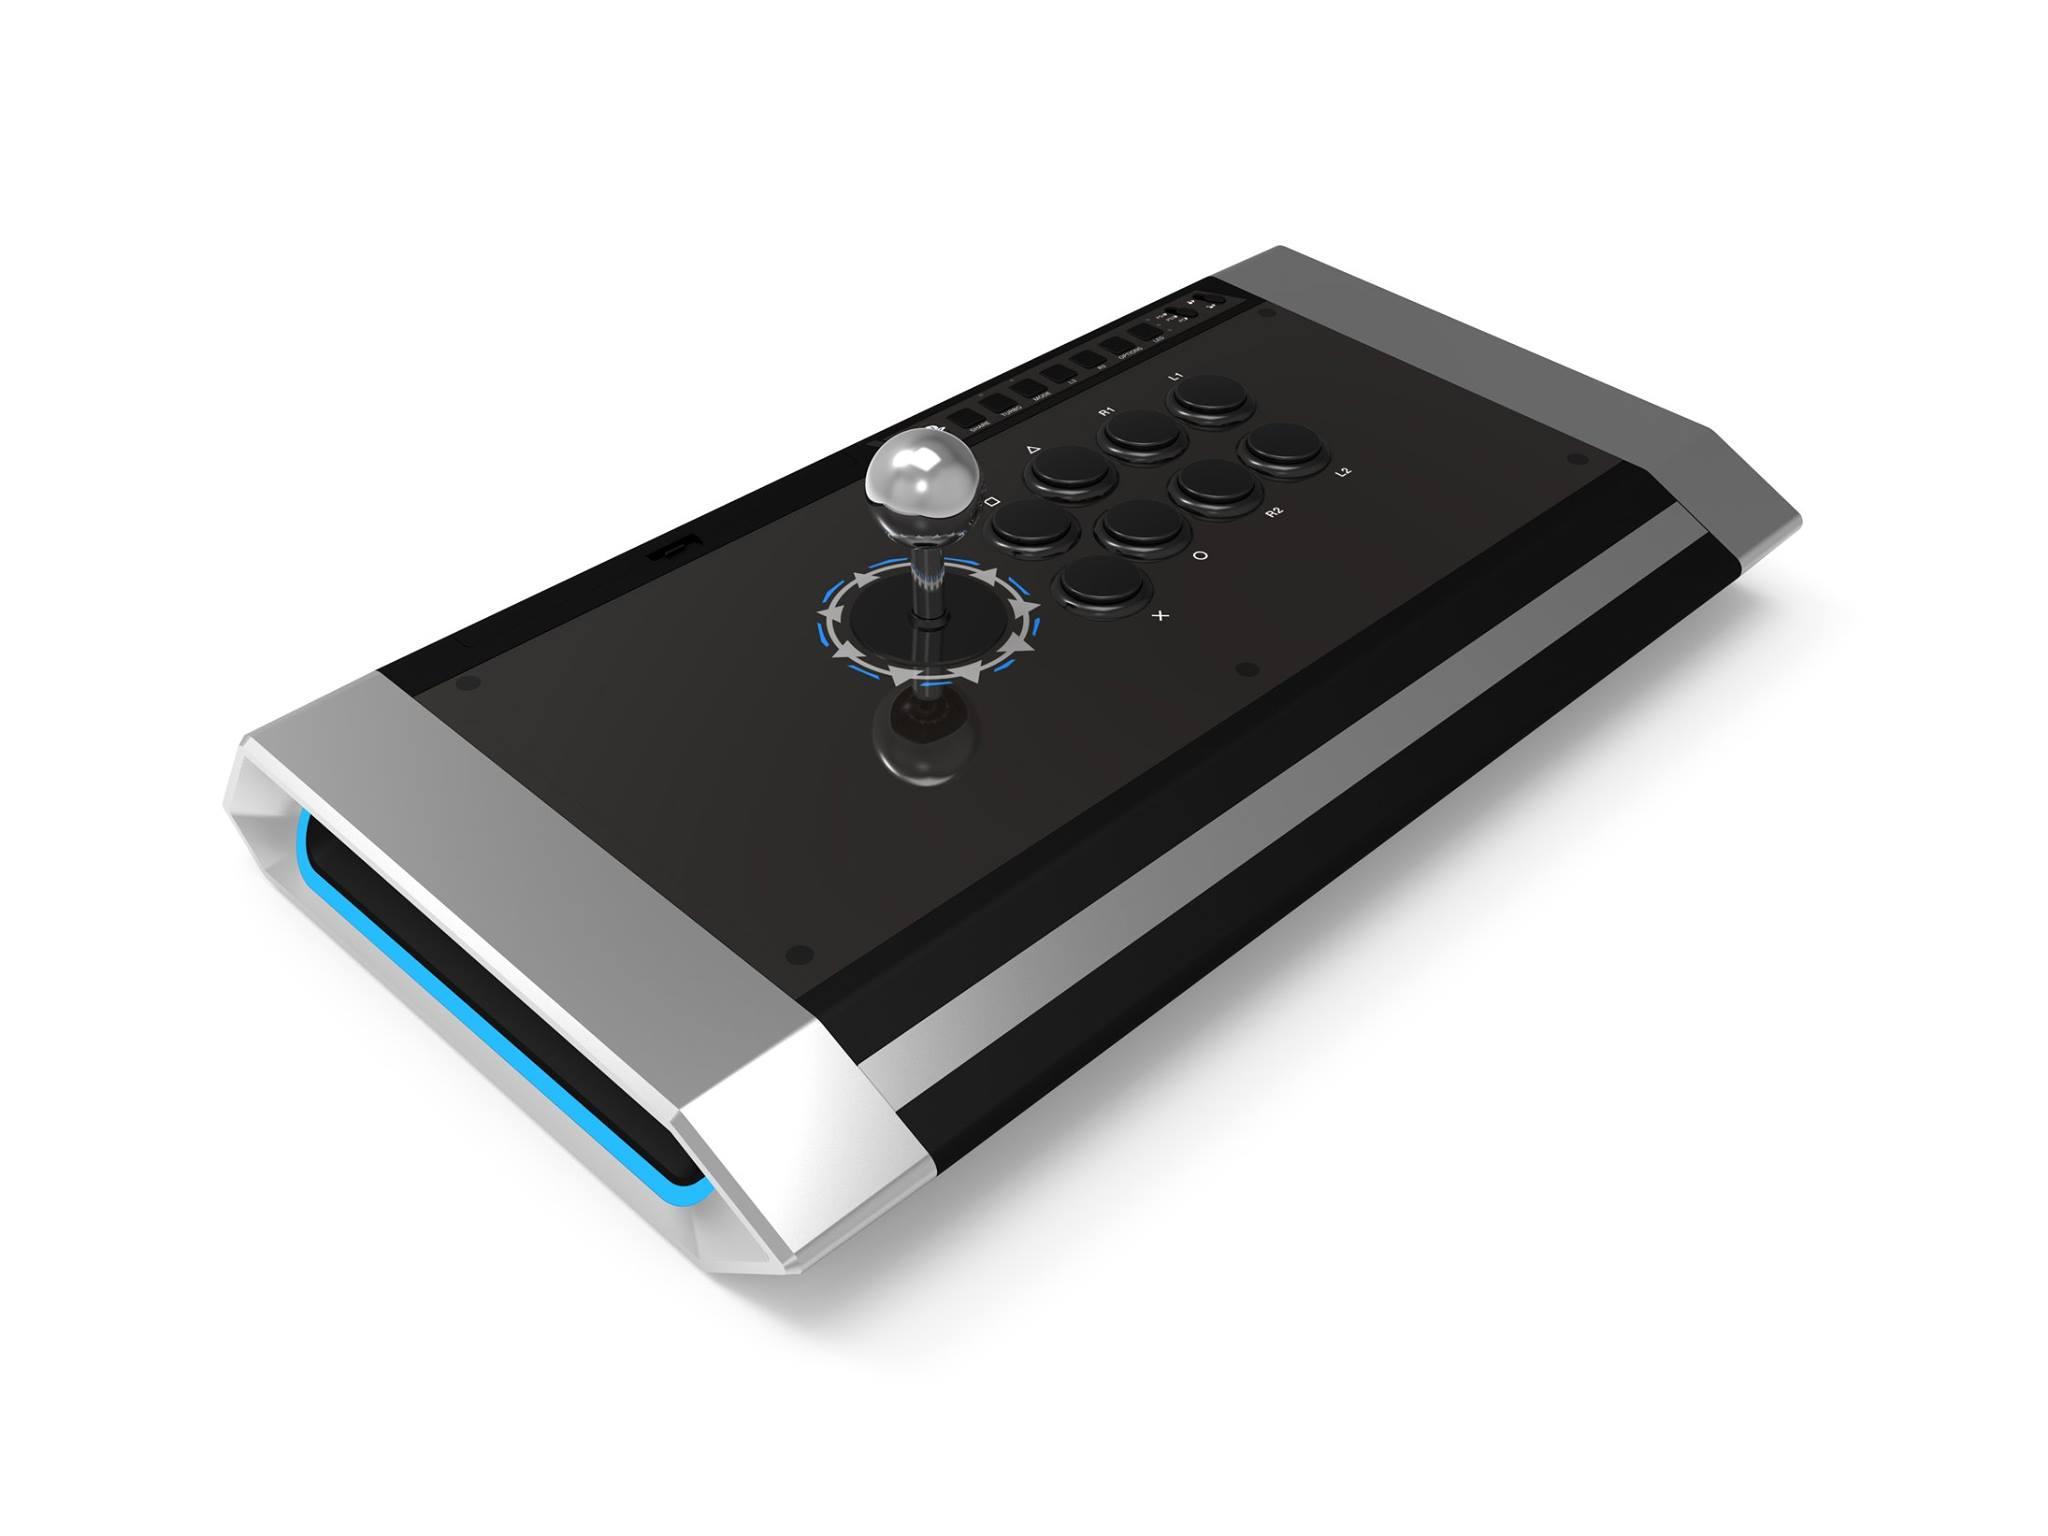 【国内正規品】 Qanba Obsidian Joystick クァンバ オブシディアン アーケード ジョイスティック (PlayStation®4 / PlayStation®3 / PC対応) ソニー公式ライセンス取得製品 三和電子製ジョイスティックレバー、押しボタンパーツを採用した上位モデル